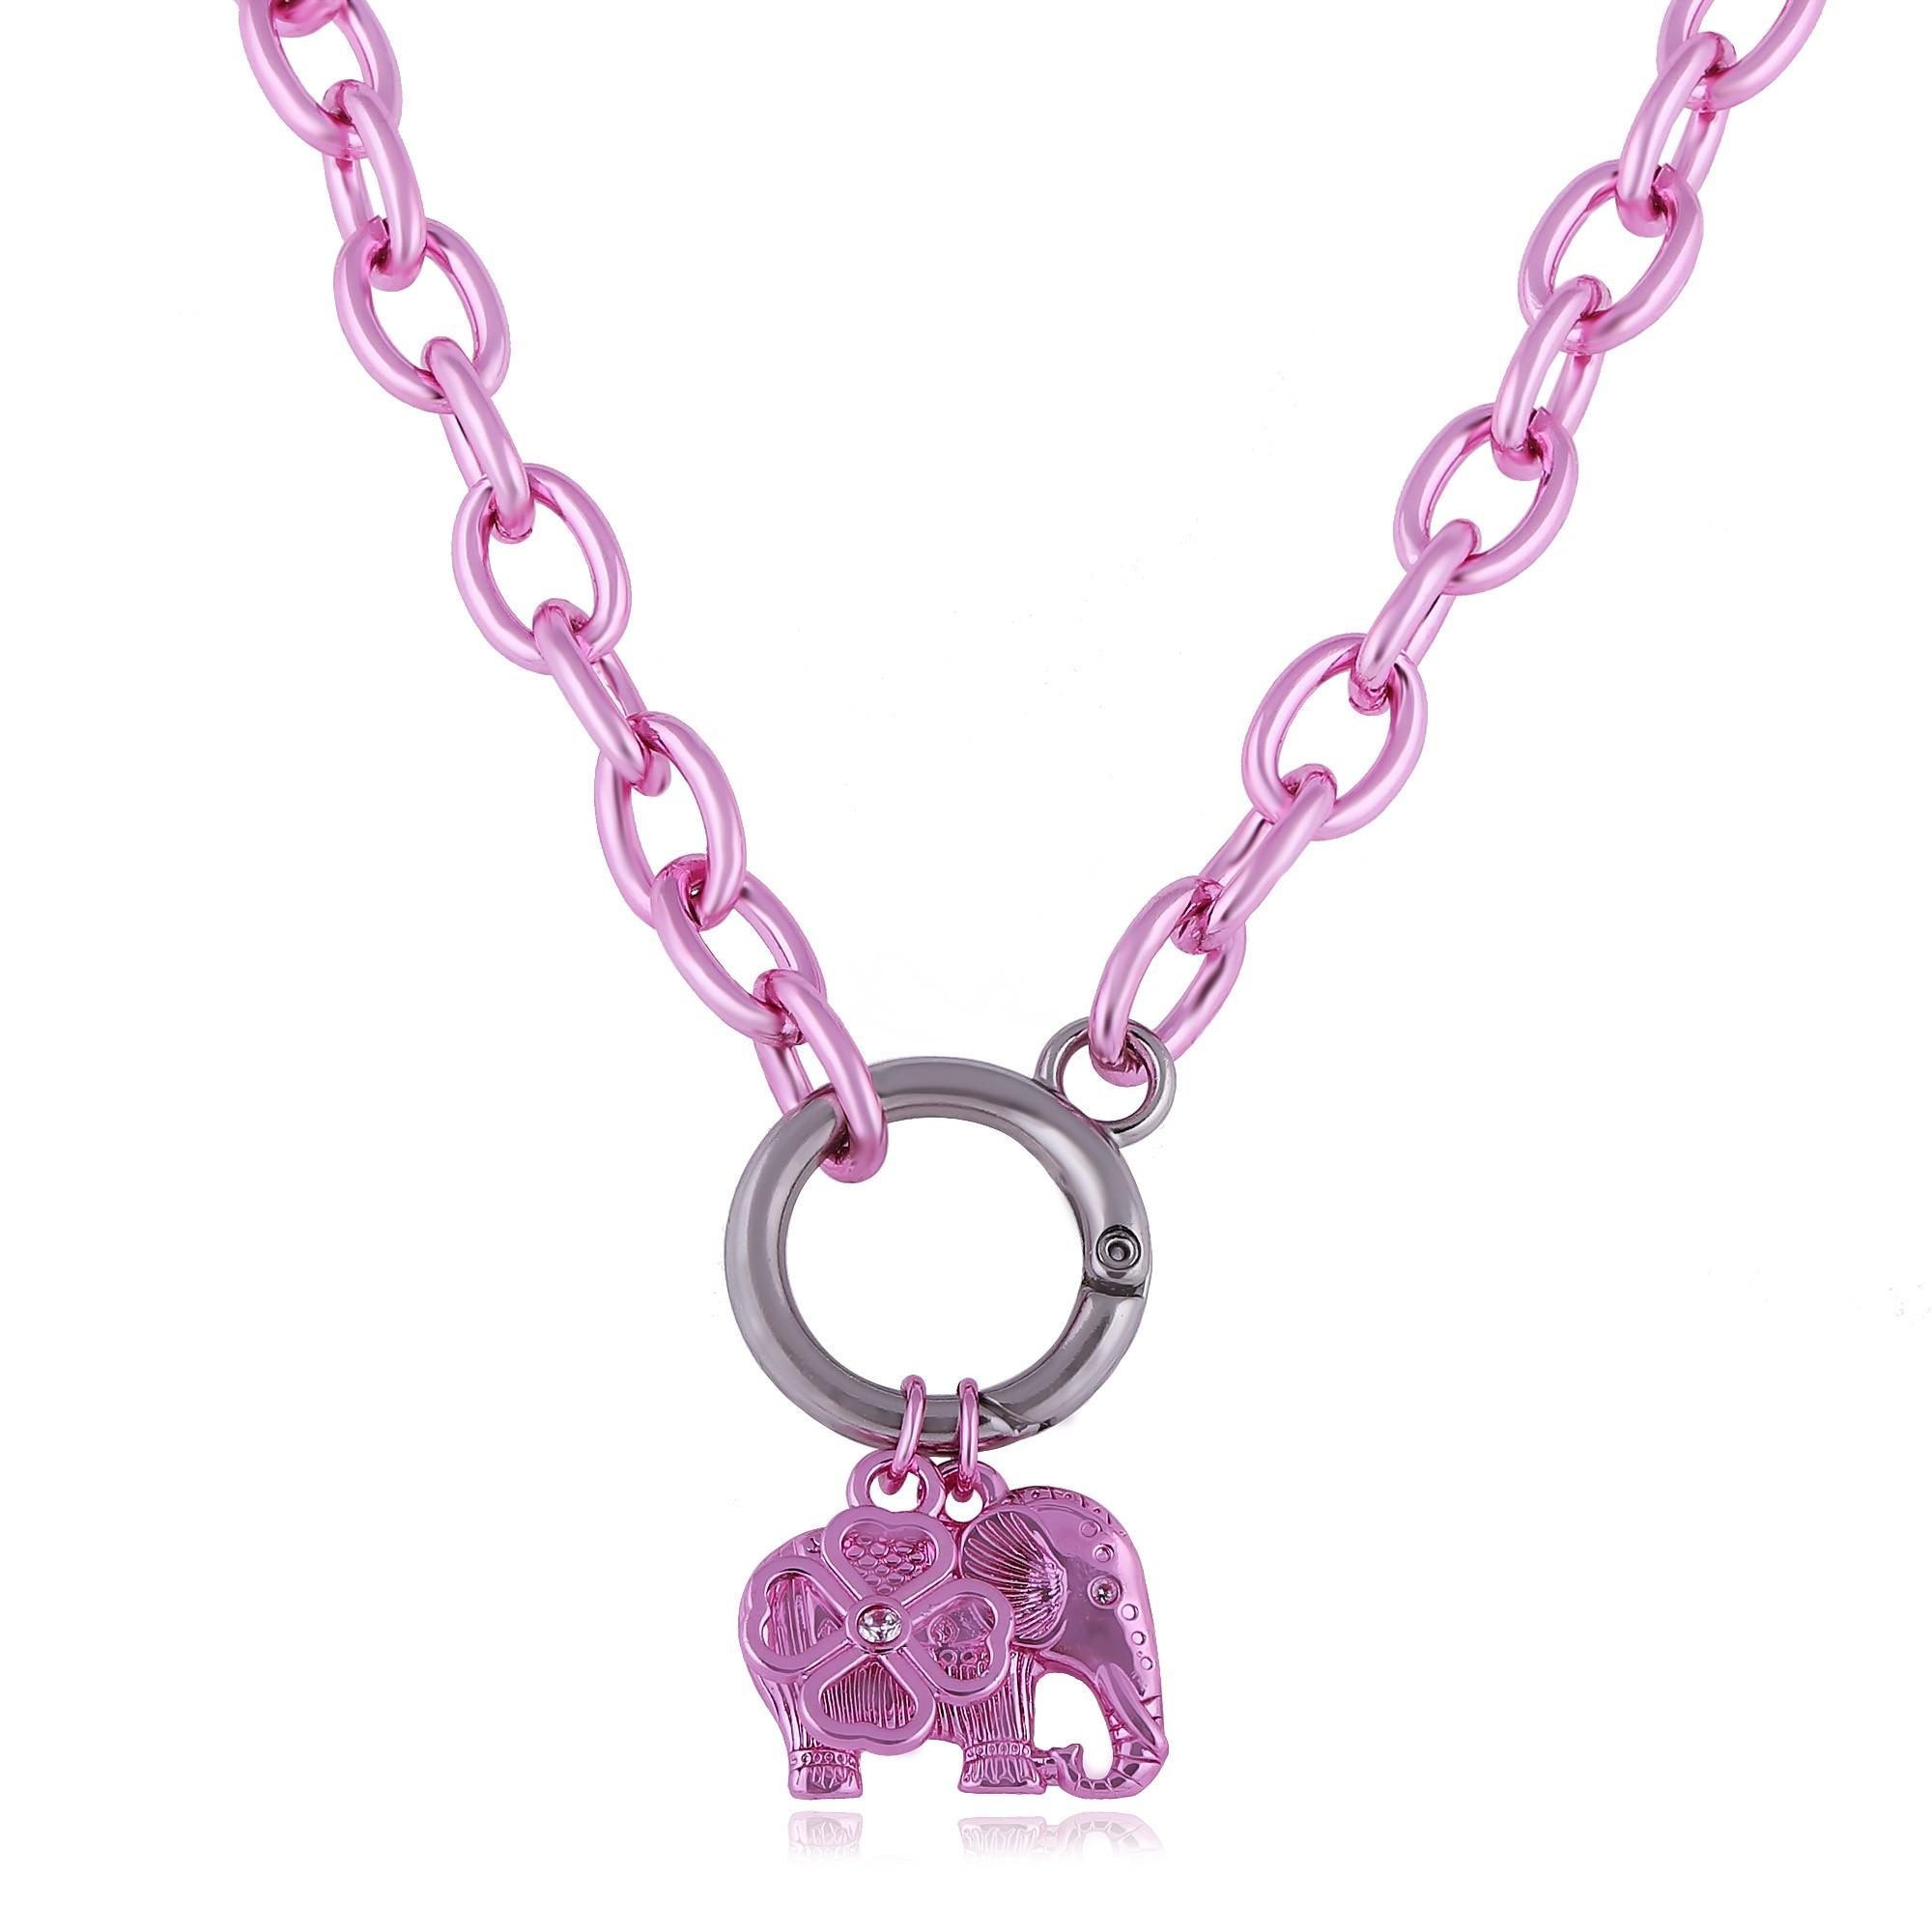 Colar corrente com pingente elefante e trevo banho de verniz cataforético colorido.  - bfdecor.com.br